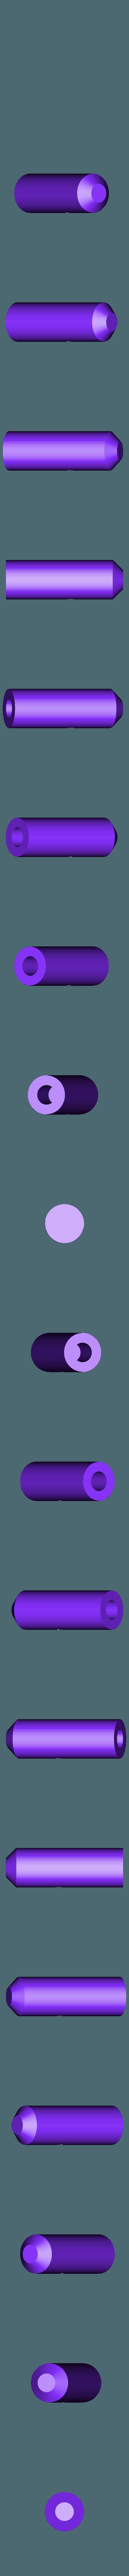 side_LT_rod_HALF_x4.stl Télécharger fichier STL gratuit Ghostbuster Ghostbuster Ghosttrap • Modèle pour impression 3D, SLIDES